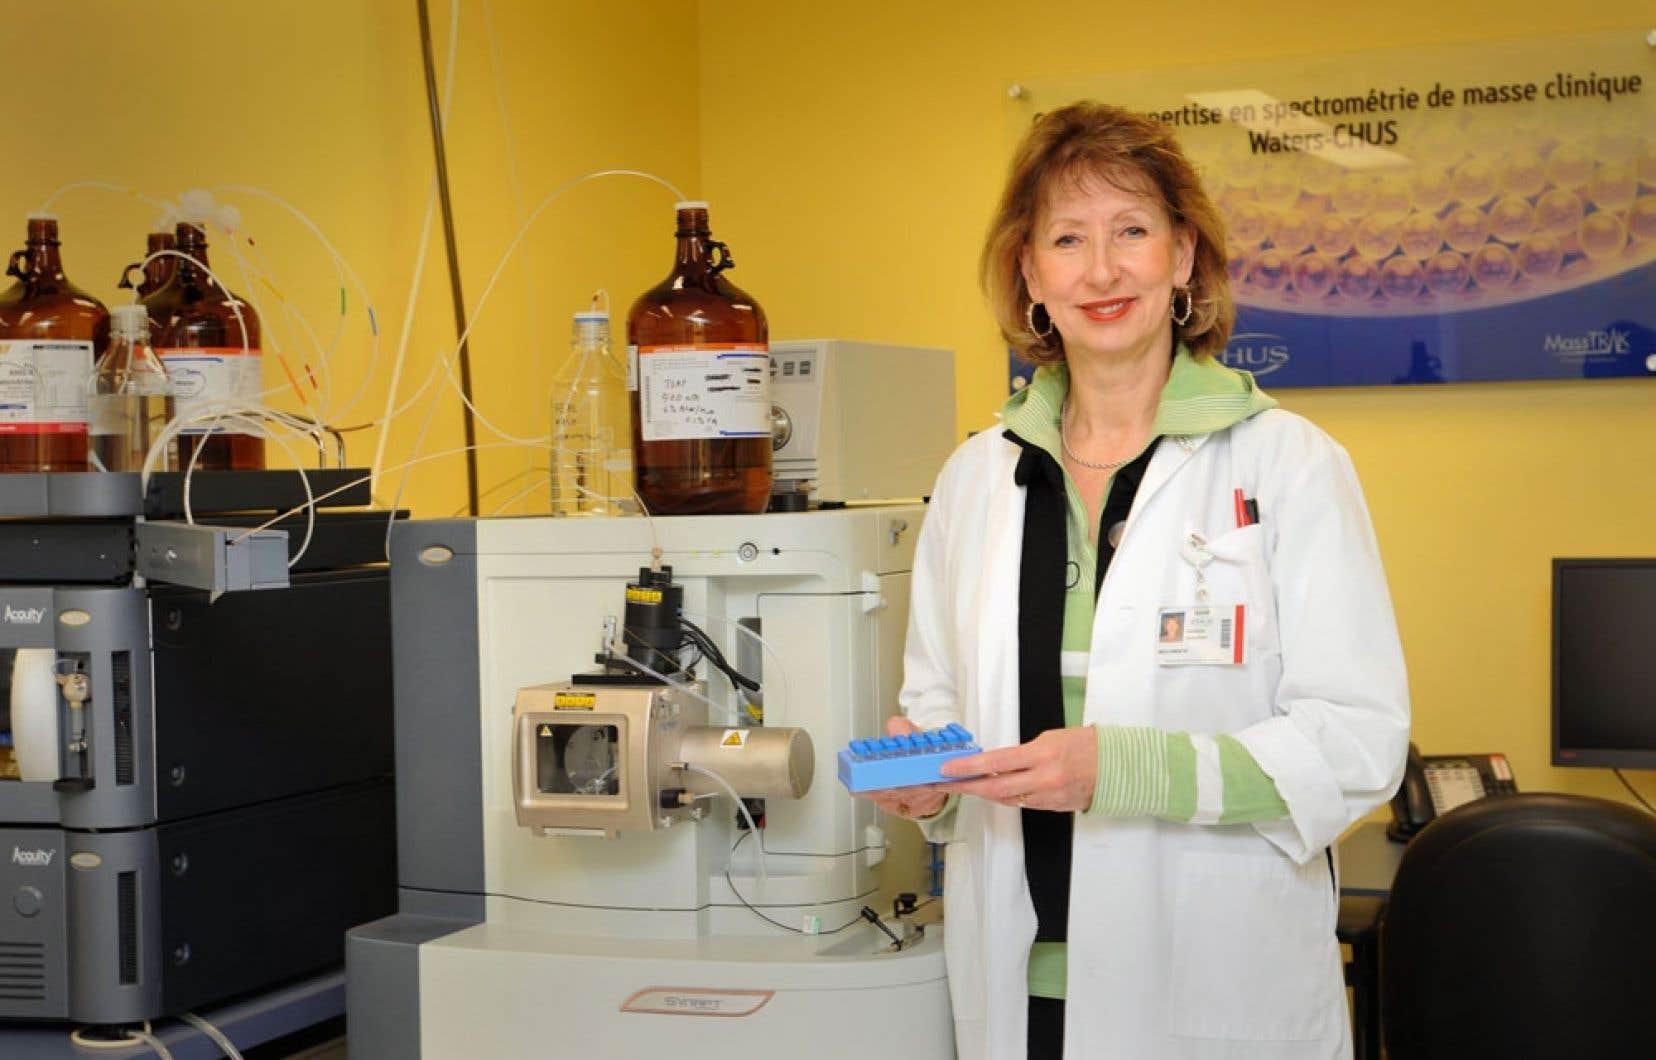 La chercheure Christiane Auray-Blais, dans son laboratoire du Centre de recherche clinique Étienne-Le Bel du Centre hospitalier universitaire de l'Université de Sherbrooke